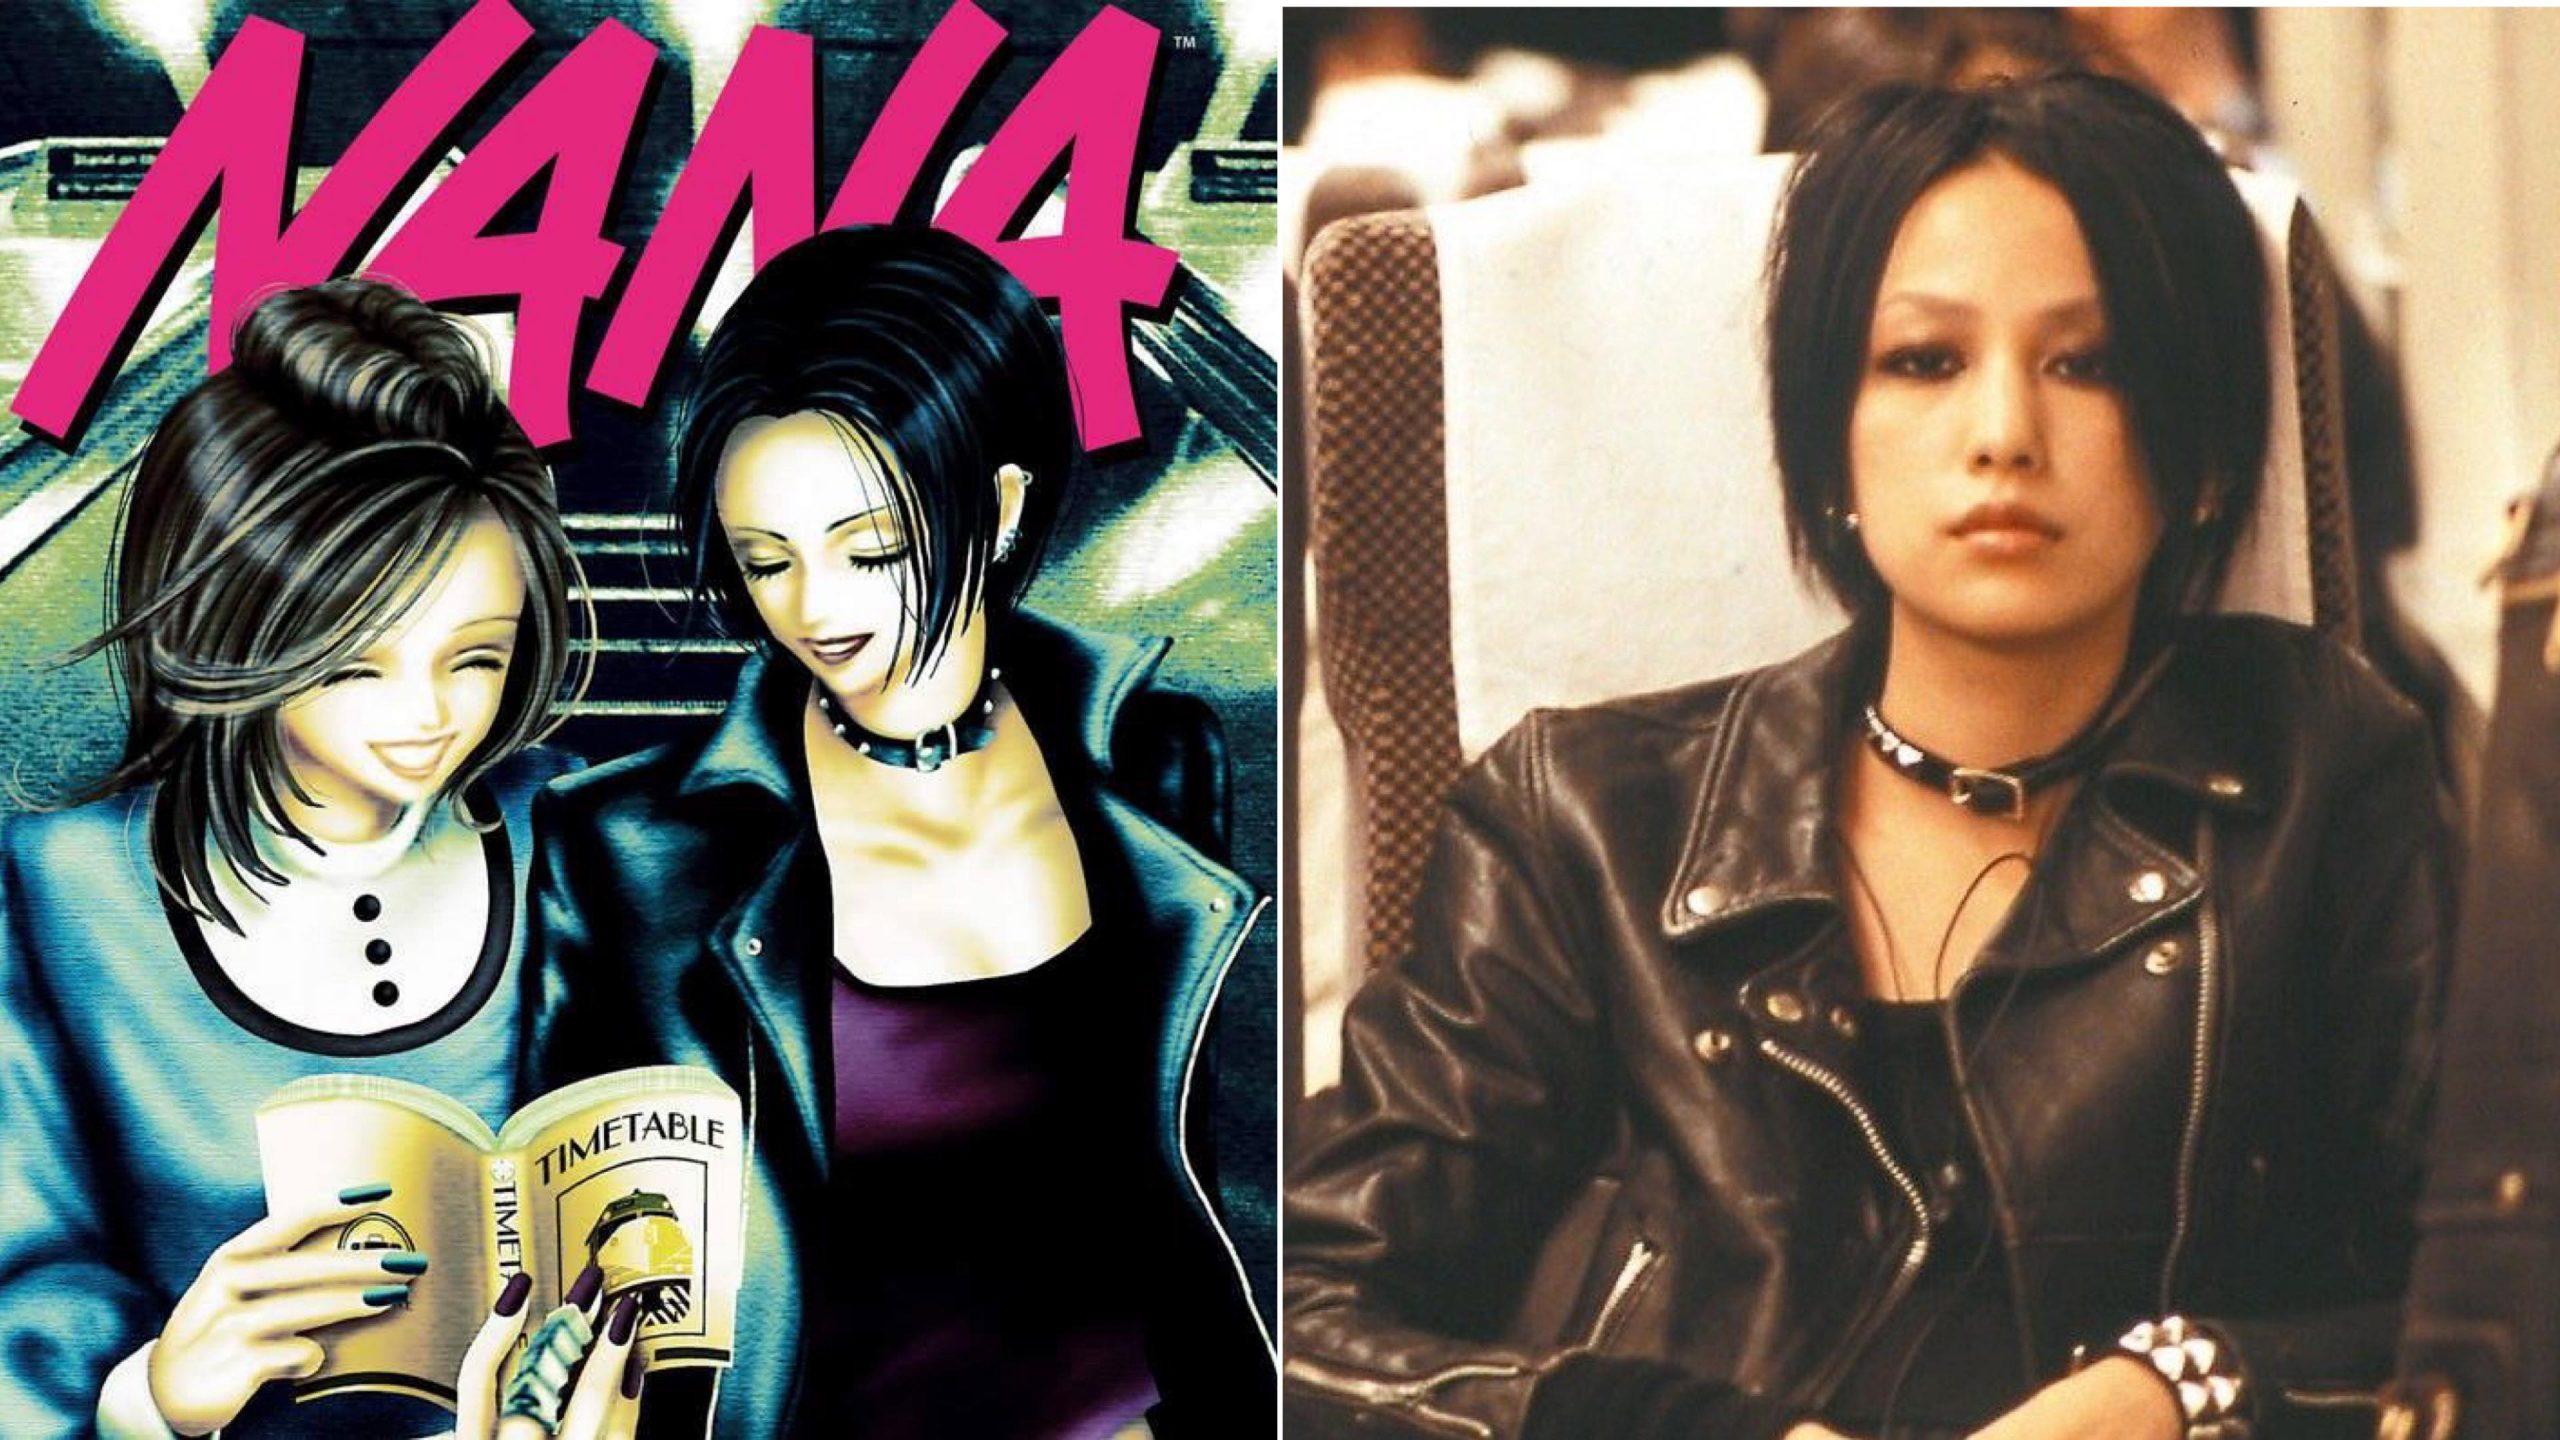 經典漫畫《NANA》確定要「翻拍中國真人版」,網友一致反對:拍得出來才有鬼! – 我們用電影寫日記